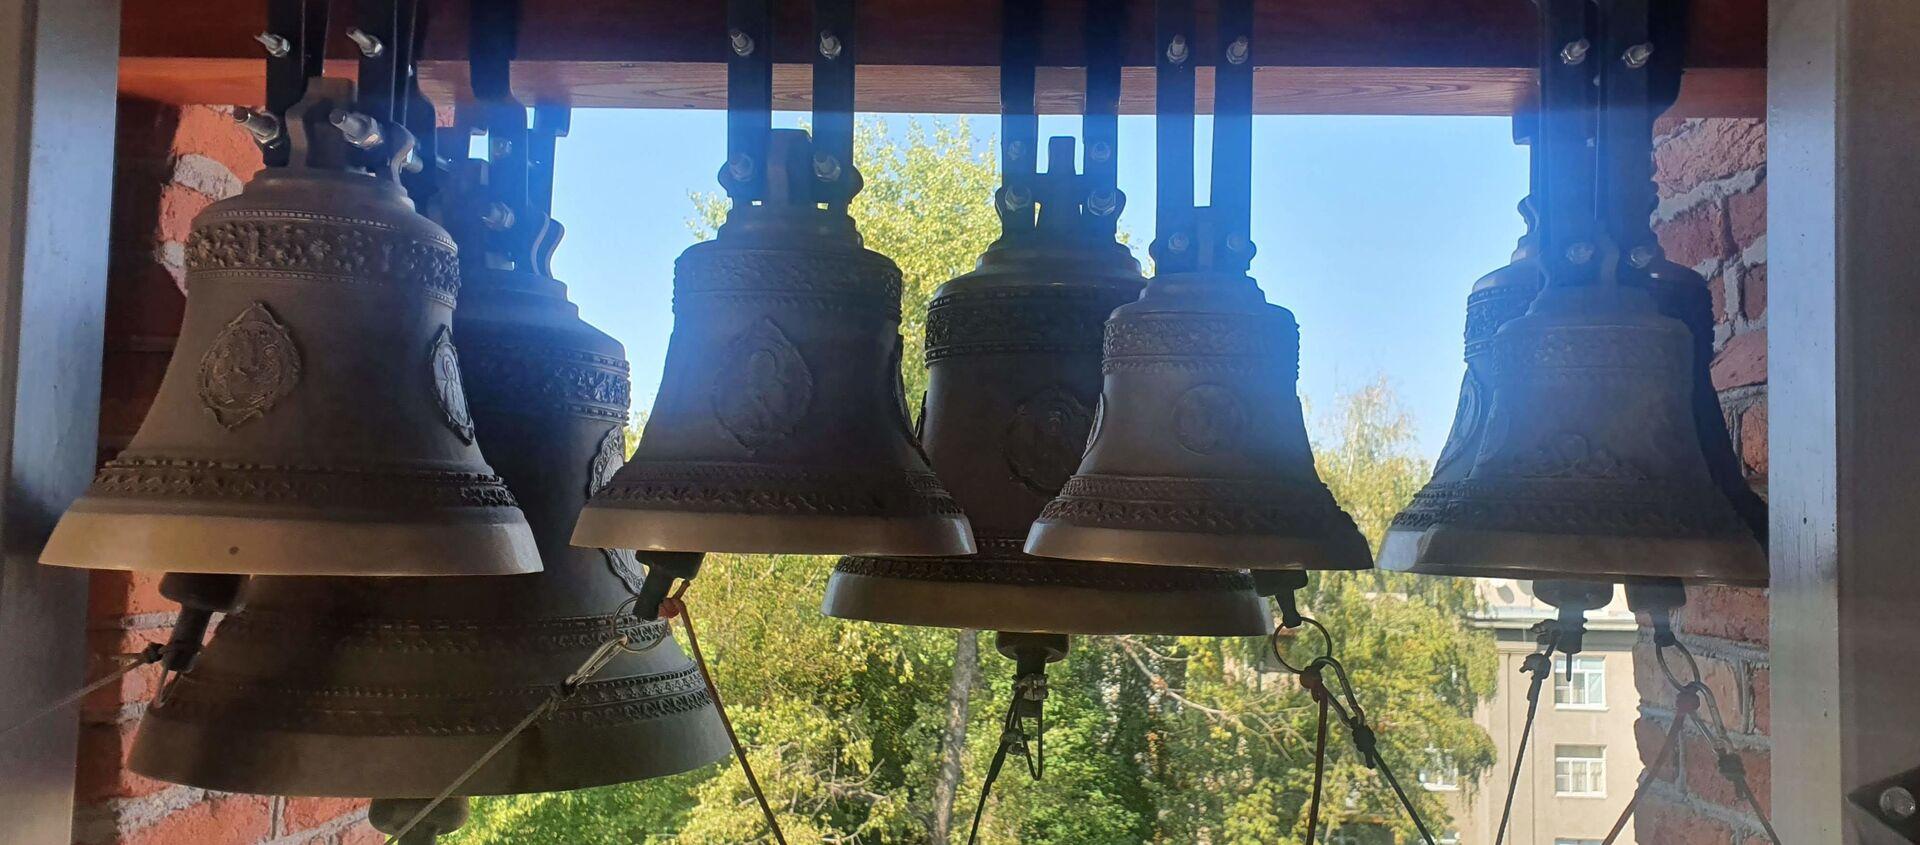 Храм Святого Владимира во Владикавказе  - Sputnik Южная Осетия, 1920, 22.09.2020